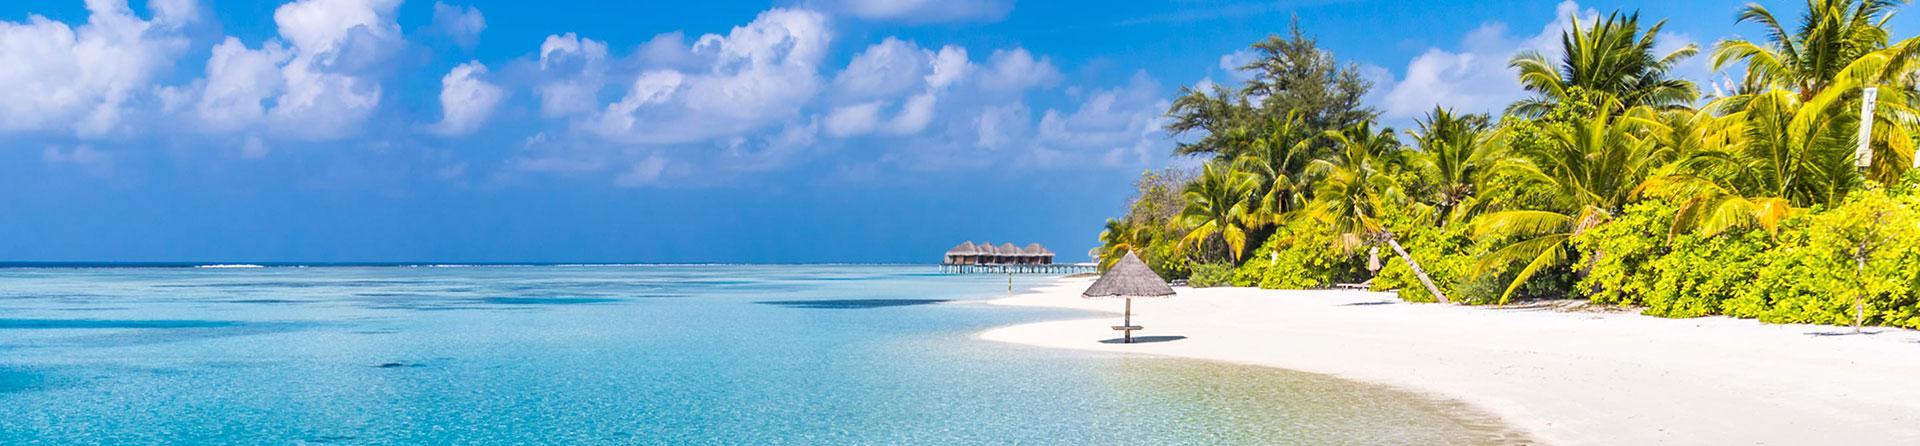 Soggiorni mare e crociere - viaggi organizzati by Aloha Viaggi